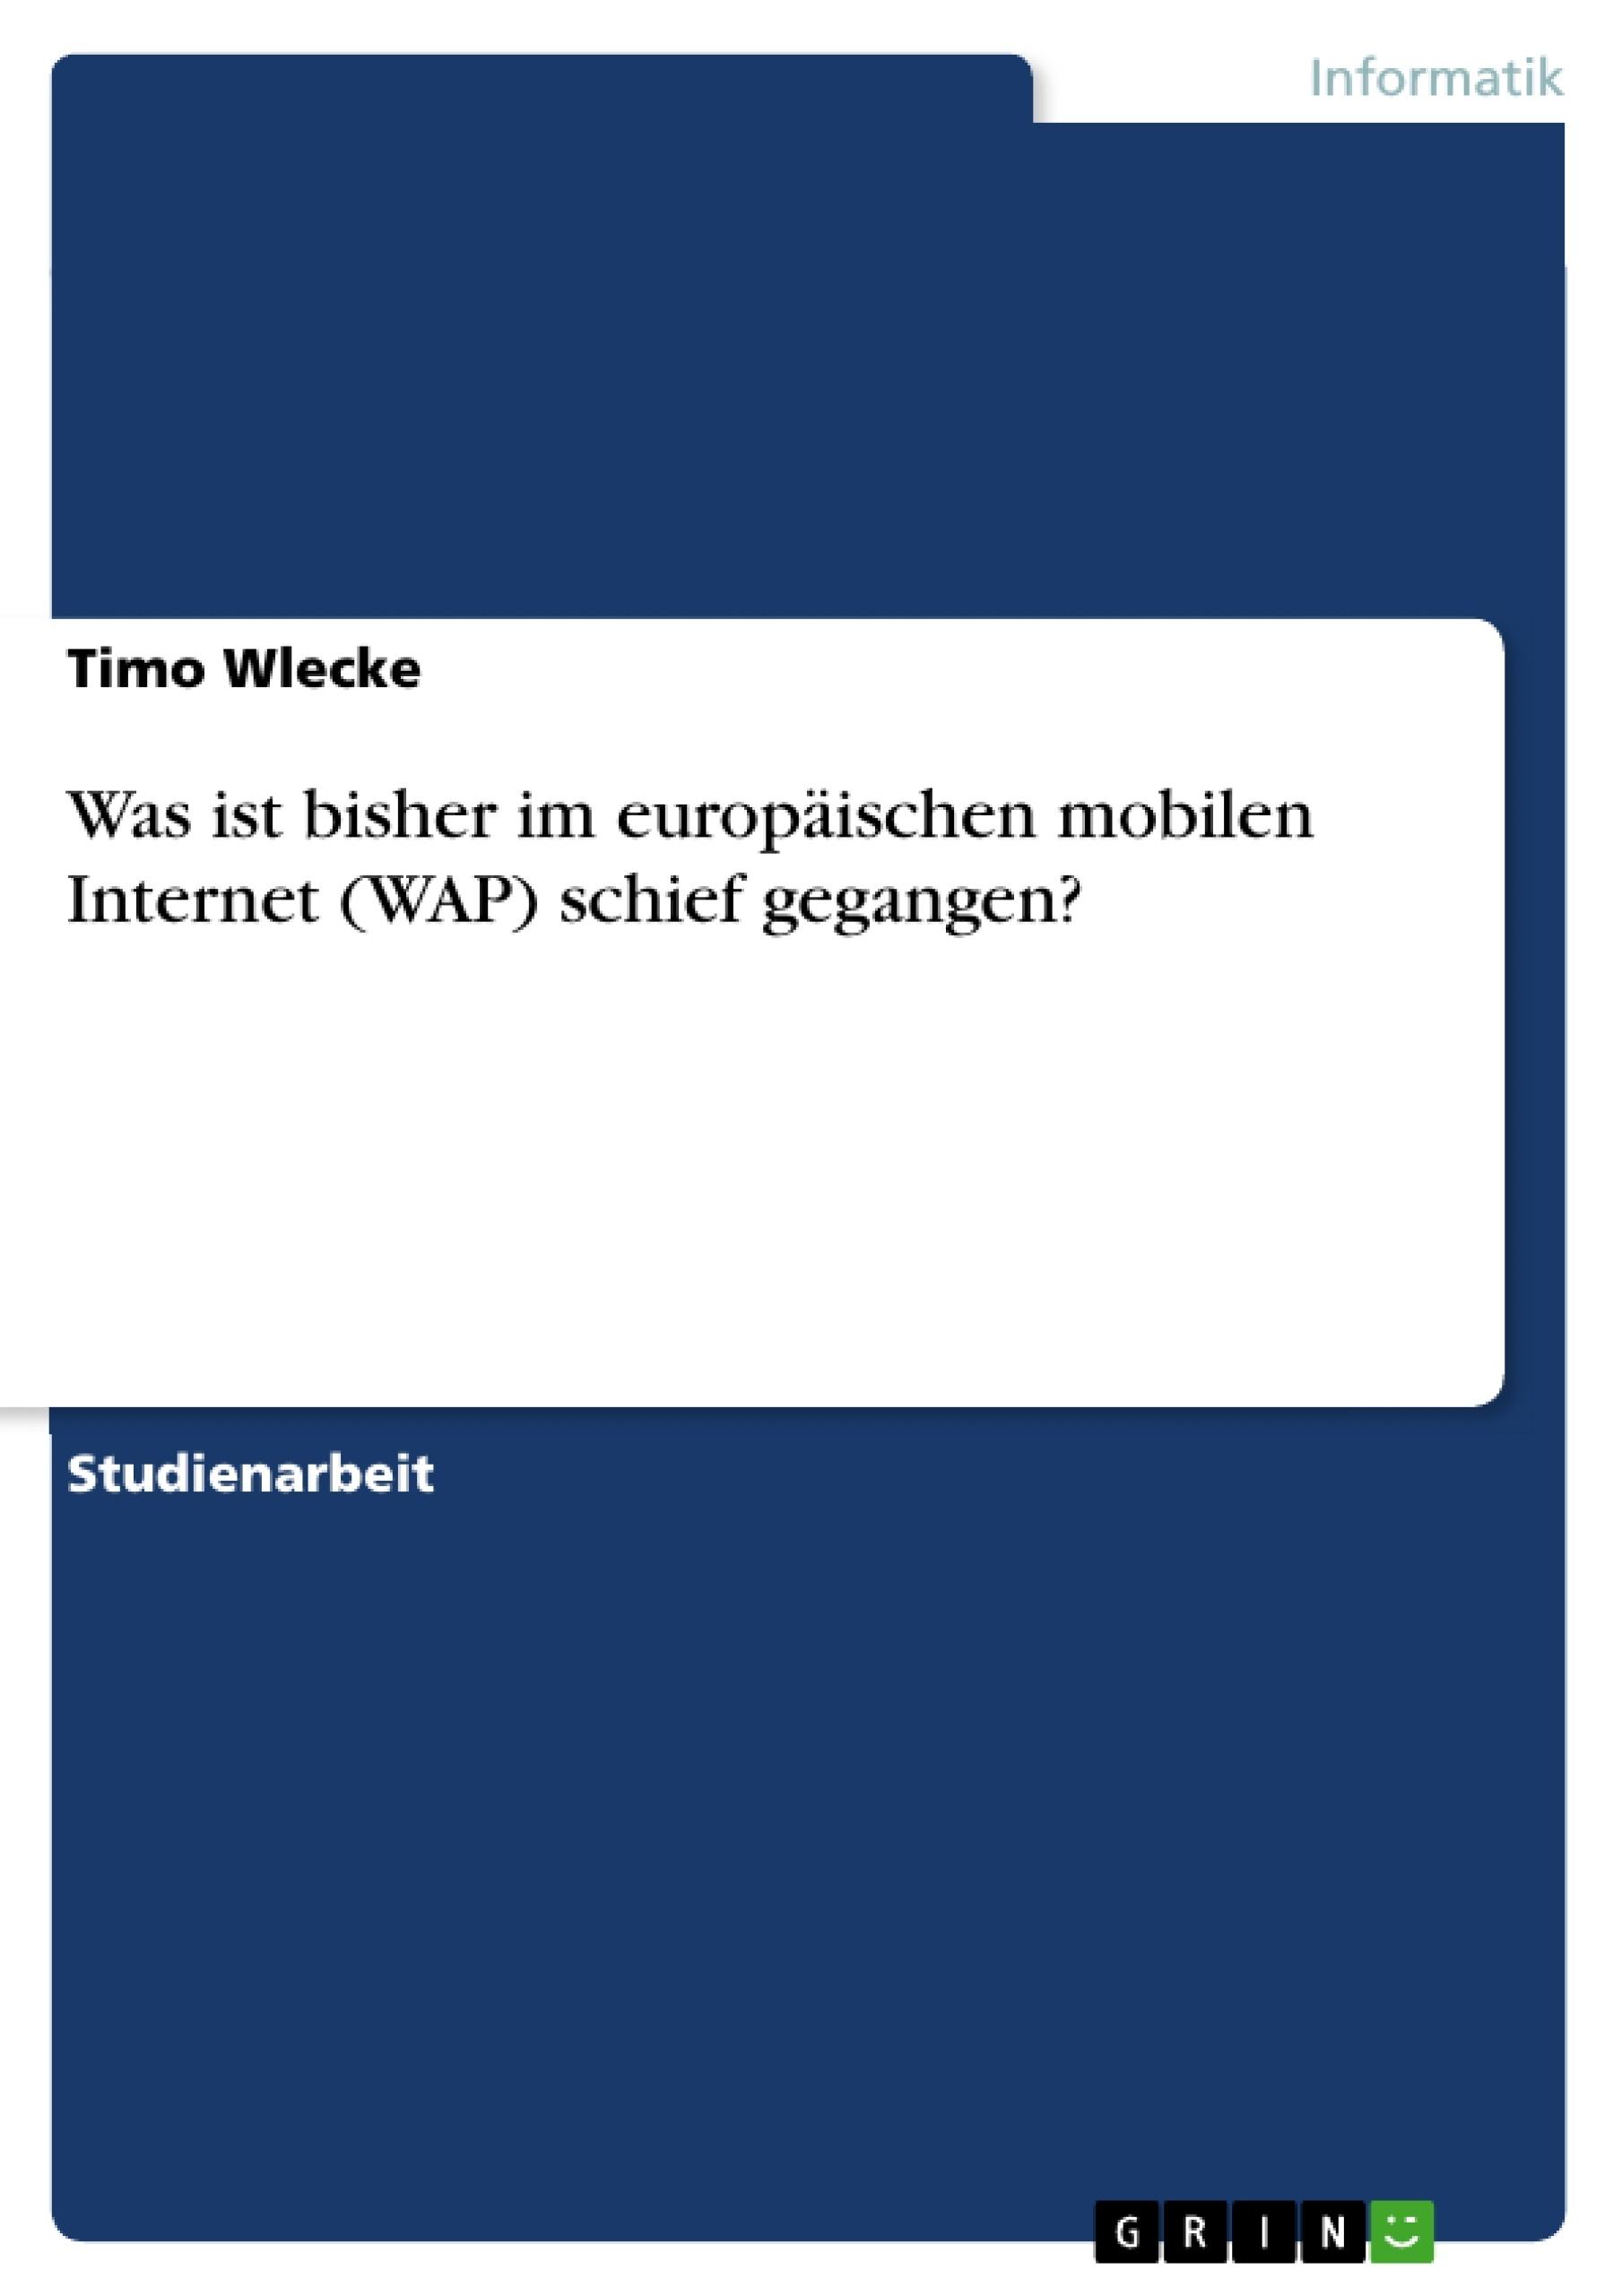 Titel: Was ist bisher im europäischen mobilen Internet (WAP) schief gegangen?